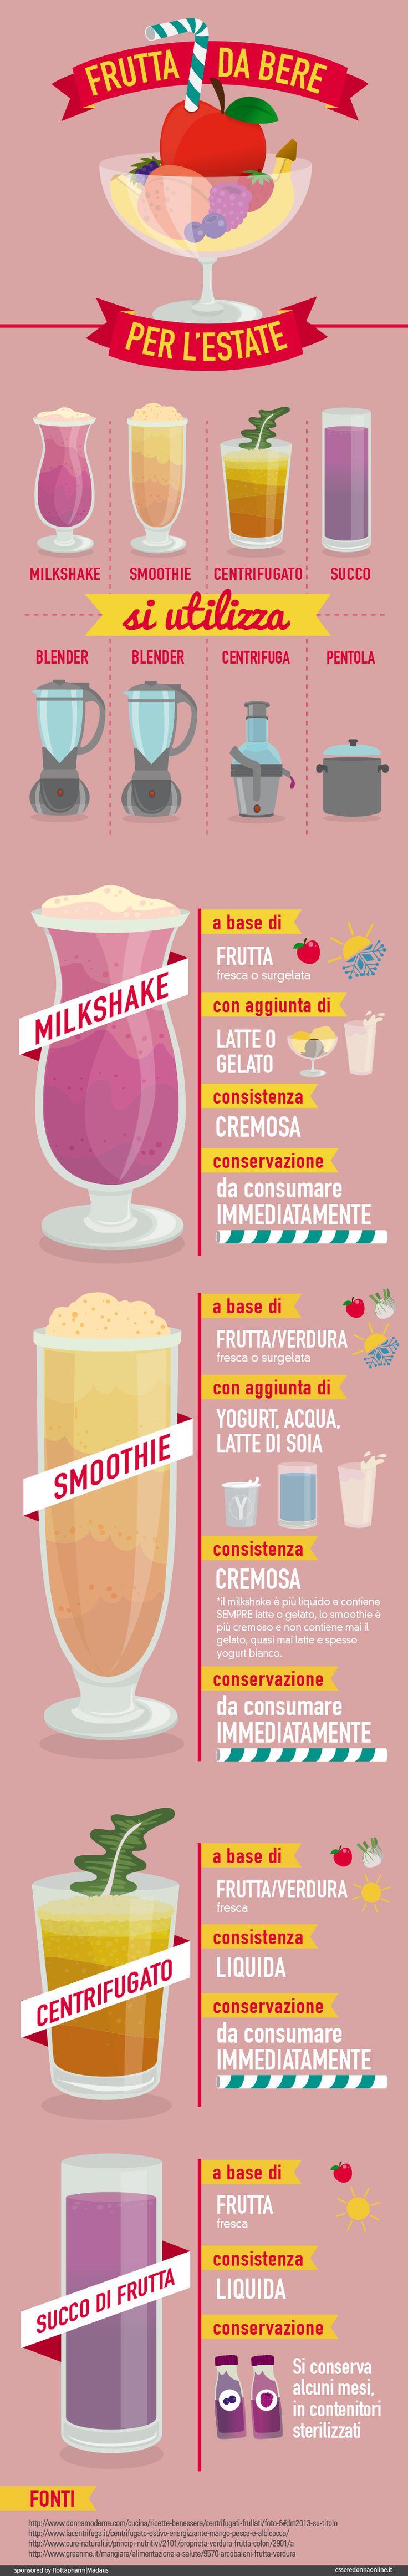 Frutta da bere per l'estate - Esseredonnaonline